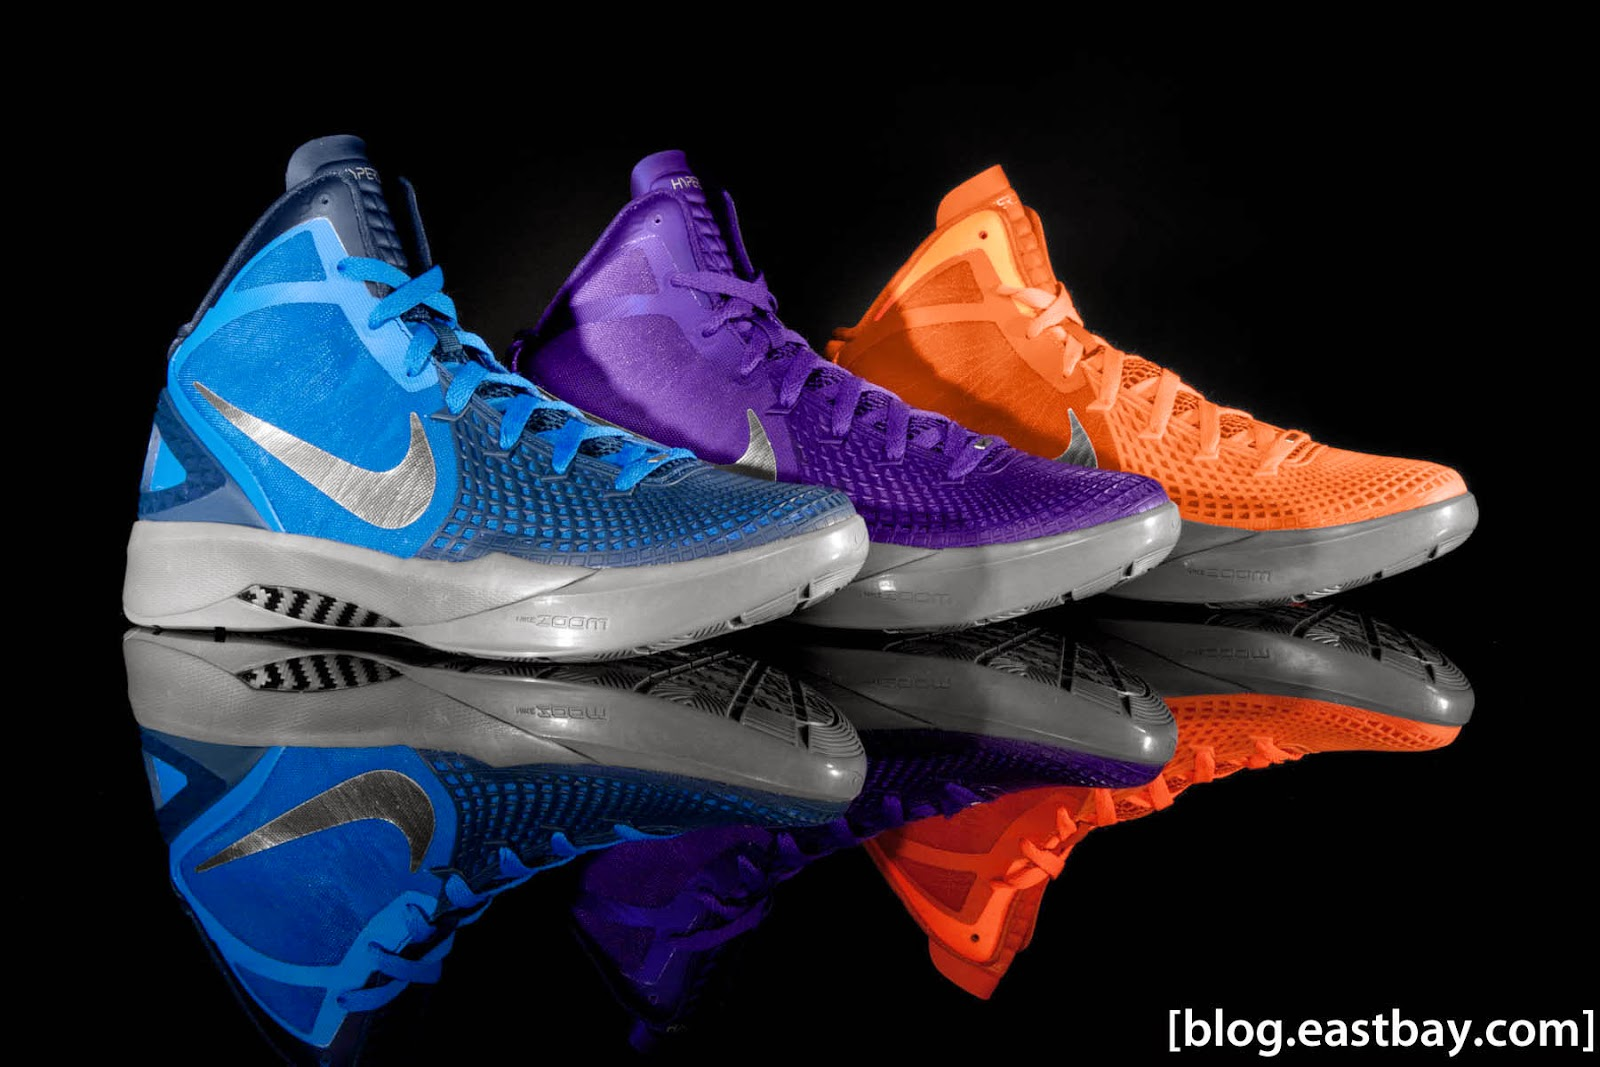 Wallpaper  Nike Zoom Hyperfuse Spring Colorways Eastbay Blog